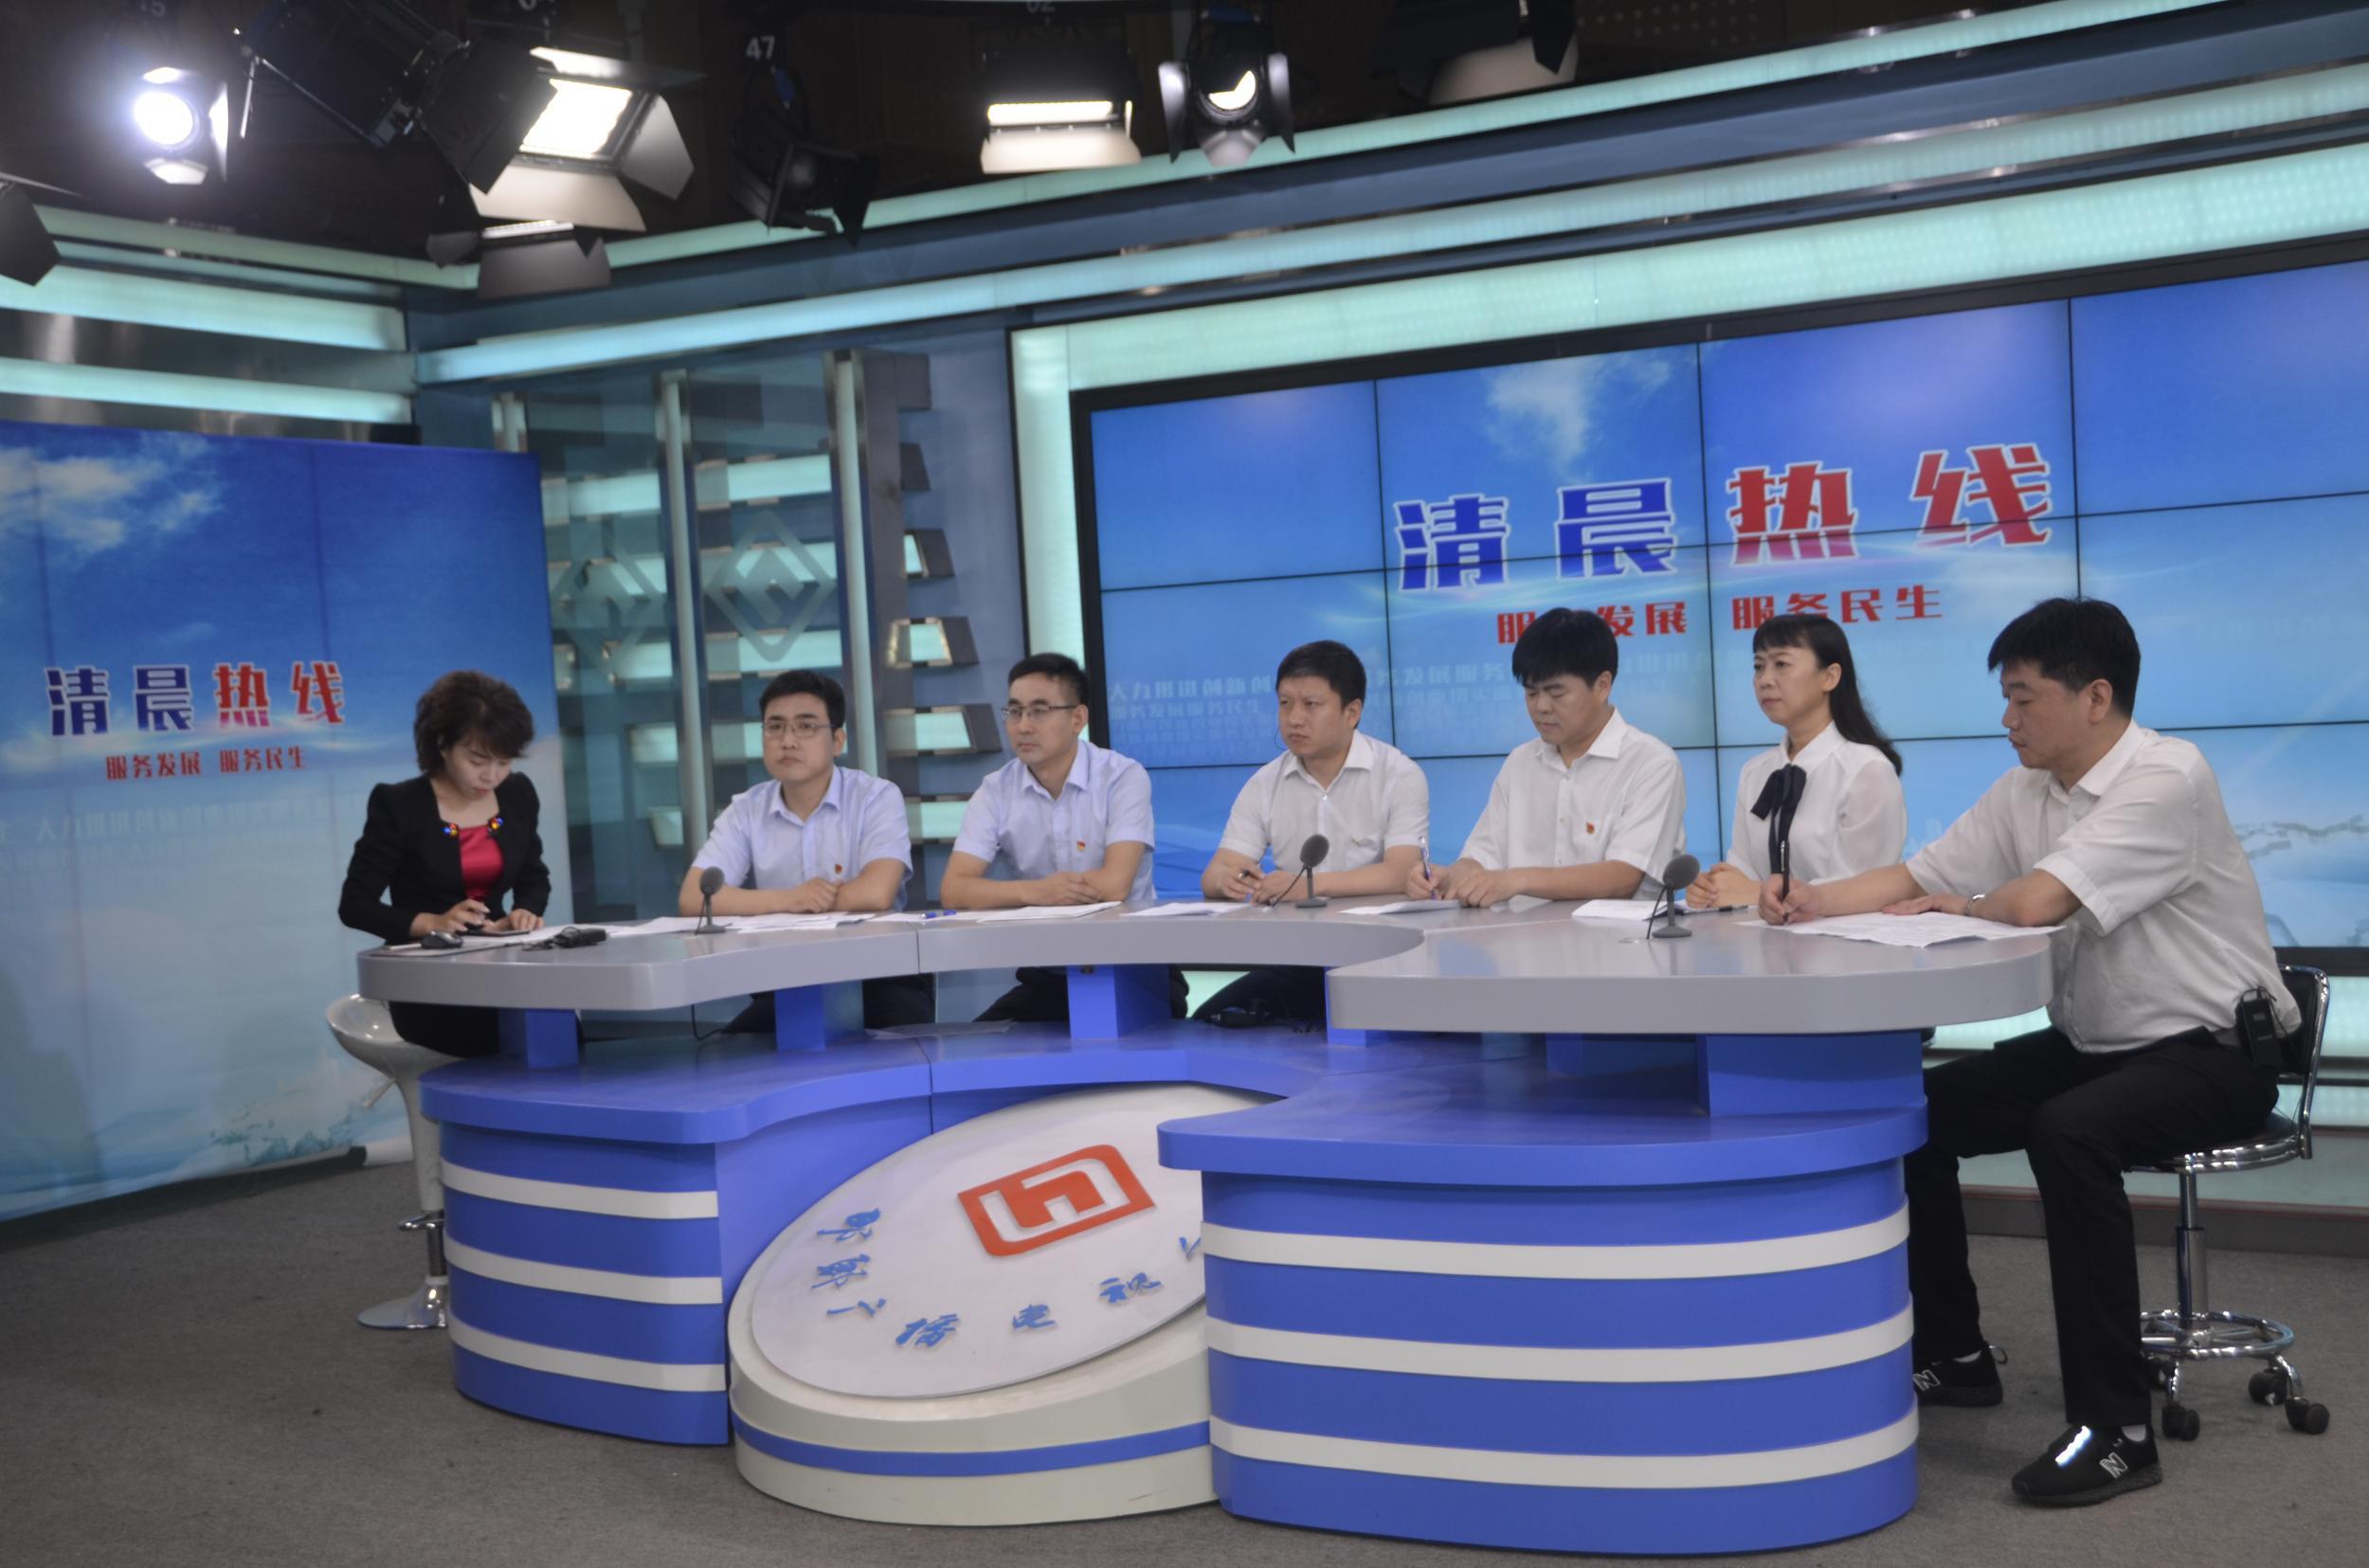 中国电信邯郸公司走进邯郸广播电视台《清晨热线》直播间